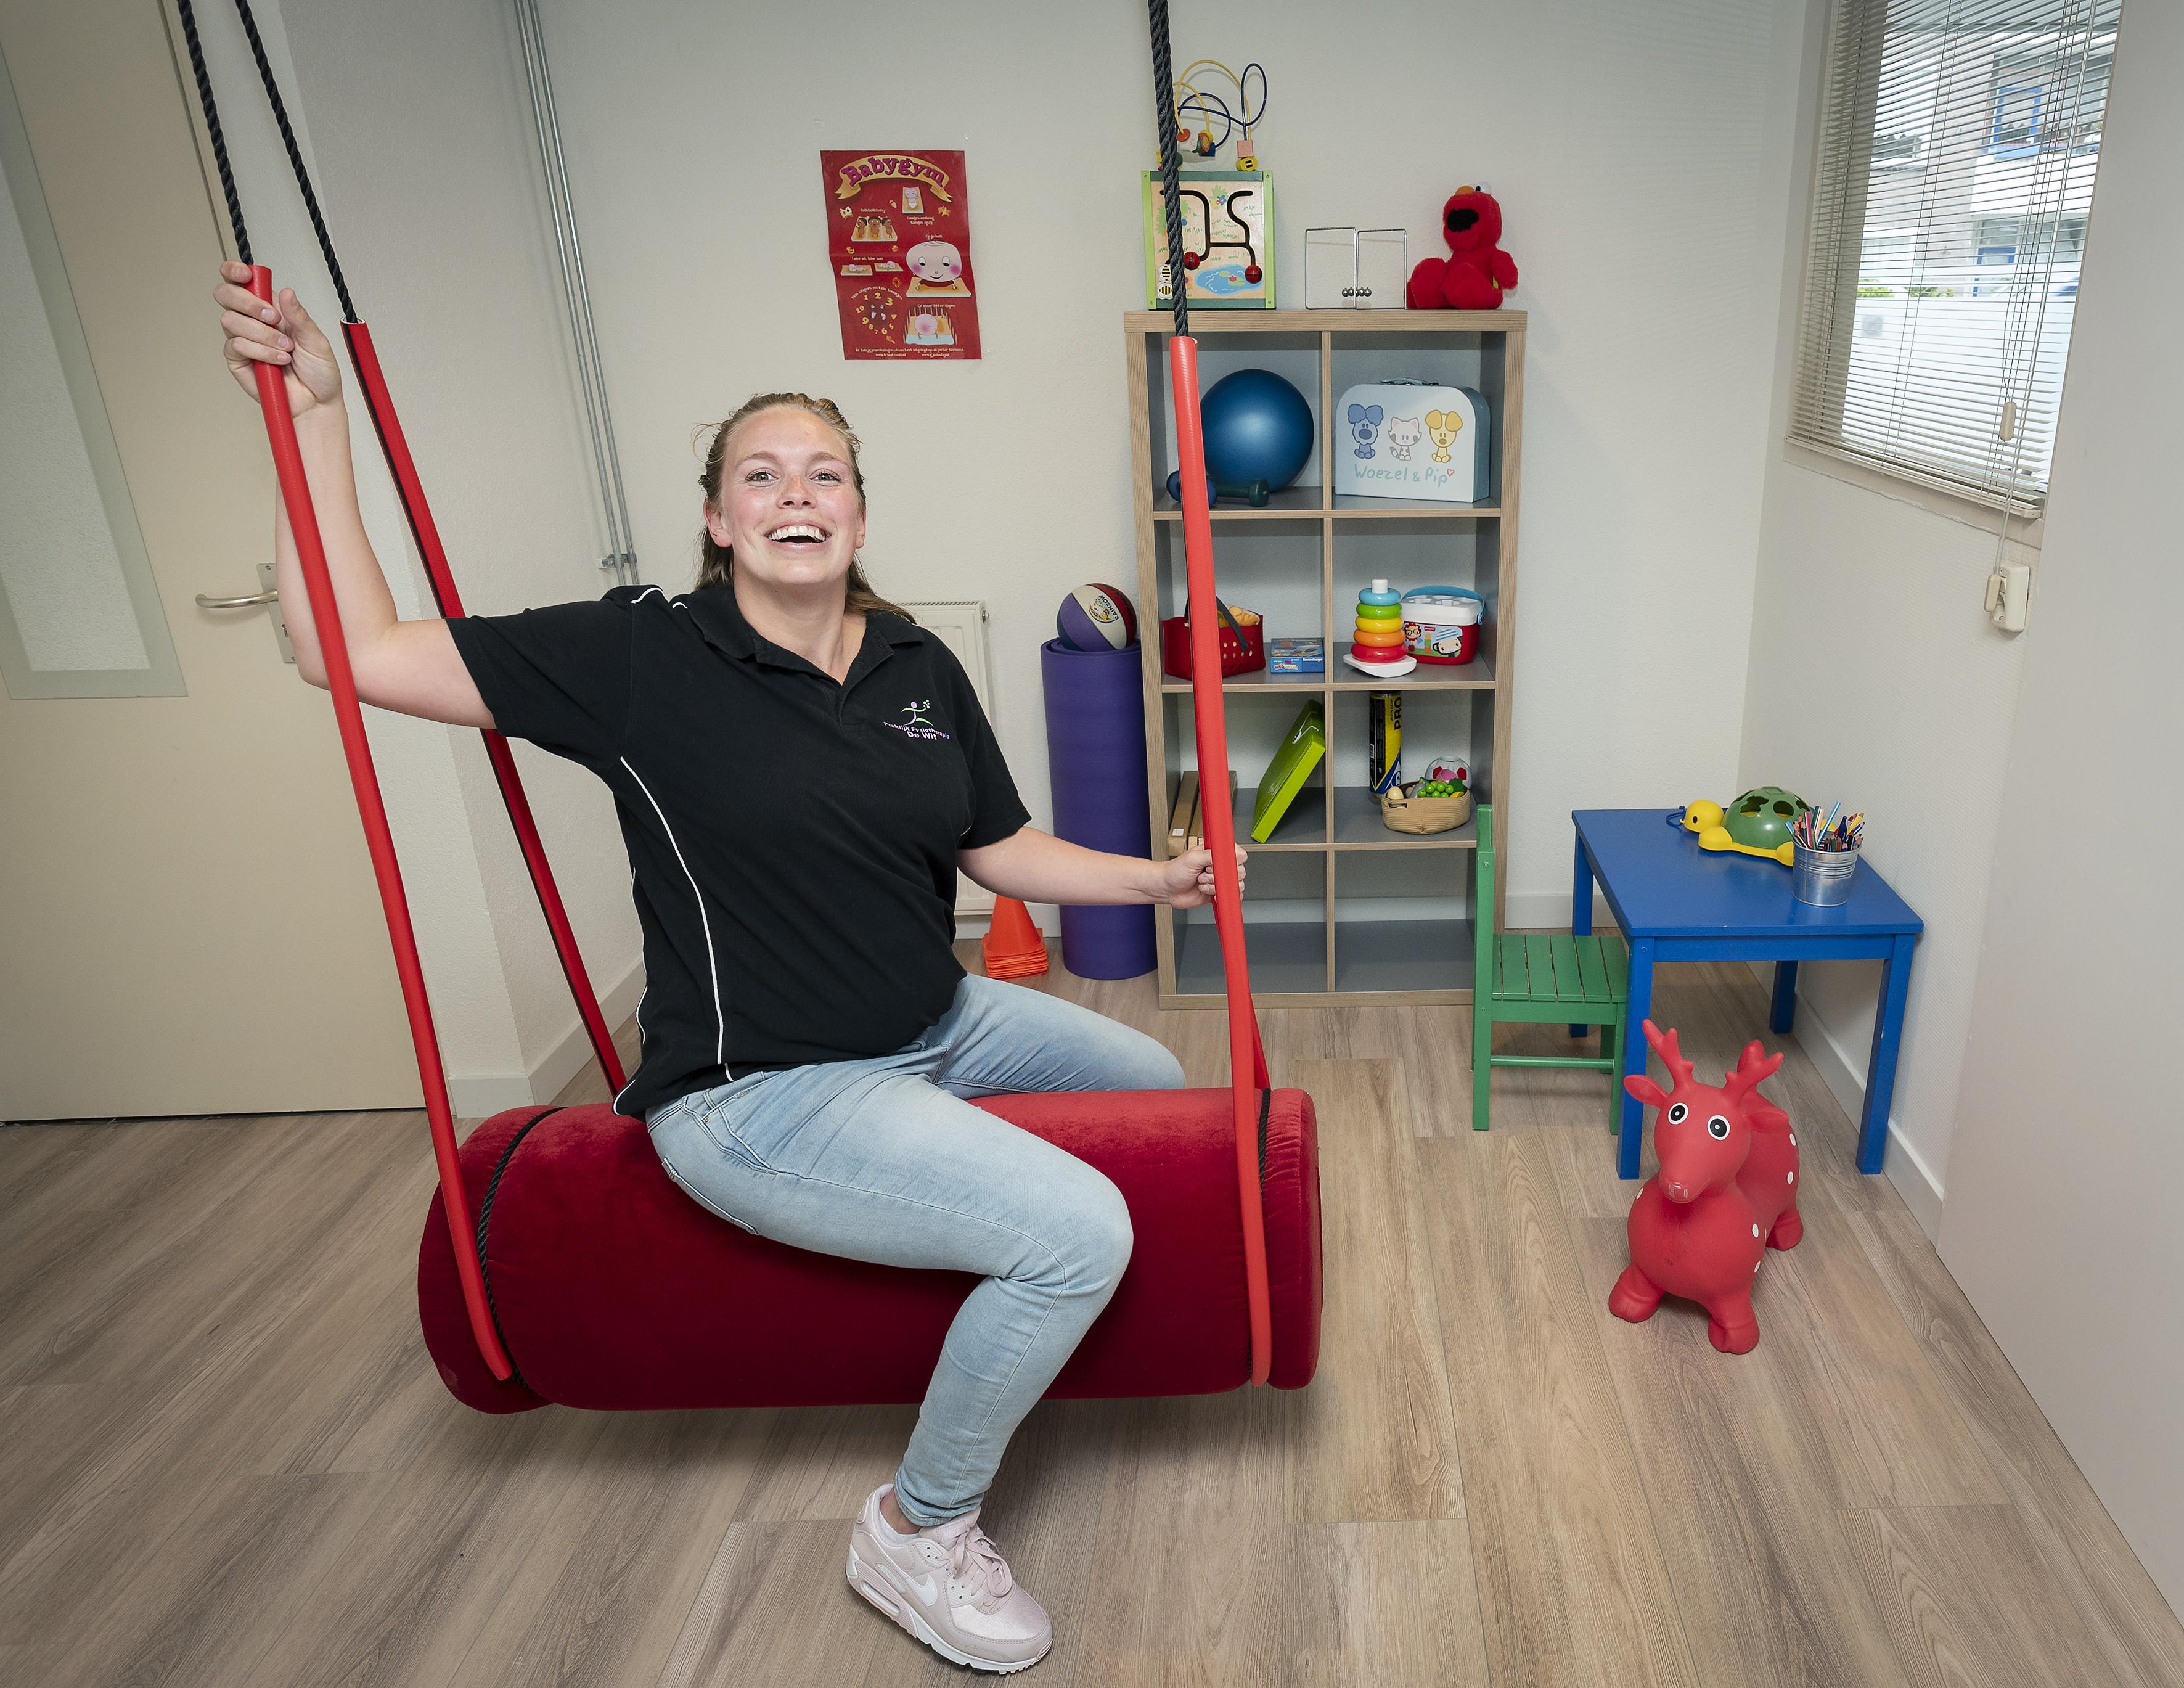 Vroegtijdig problemen herkennen bij kinderen. 'Het liefste ga ik naar buiten met ze om lekker te sporten', zegt Brenda Teeuwen van praktijk voor kinderfysiotherapie